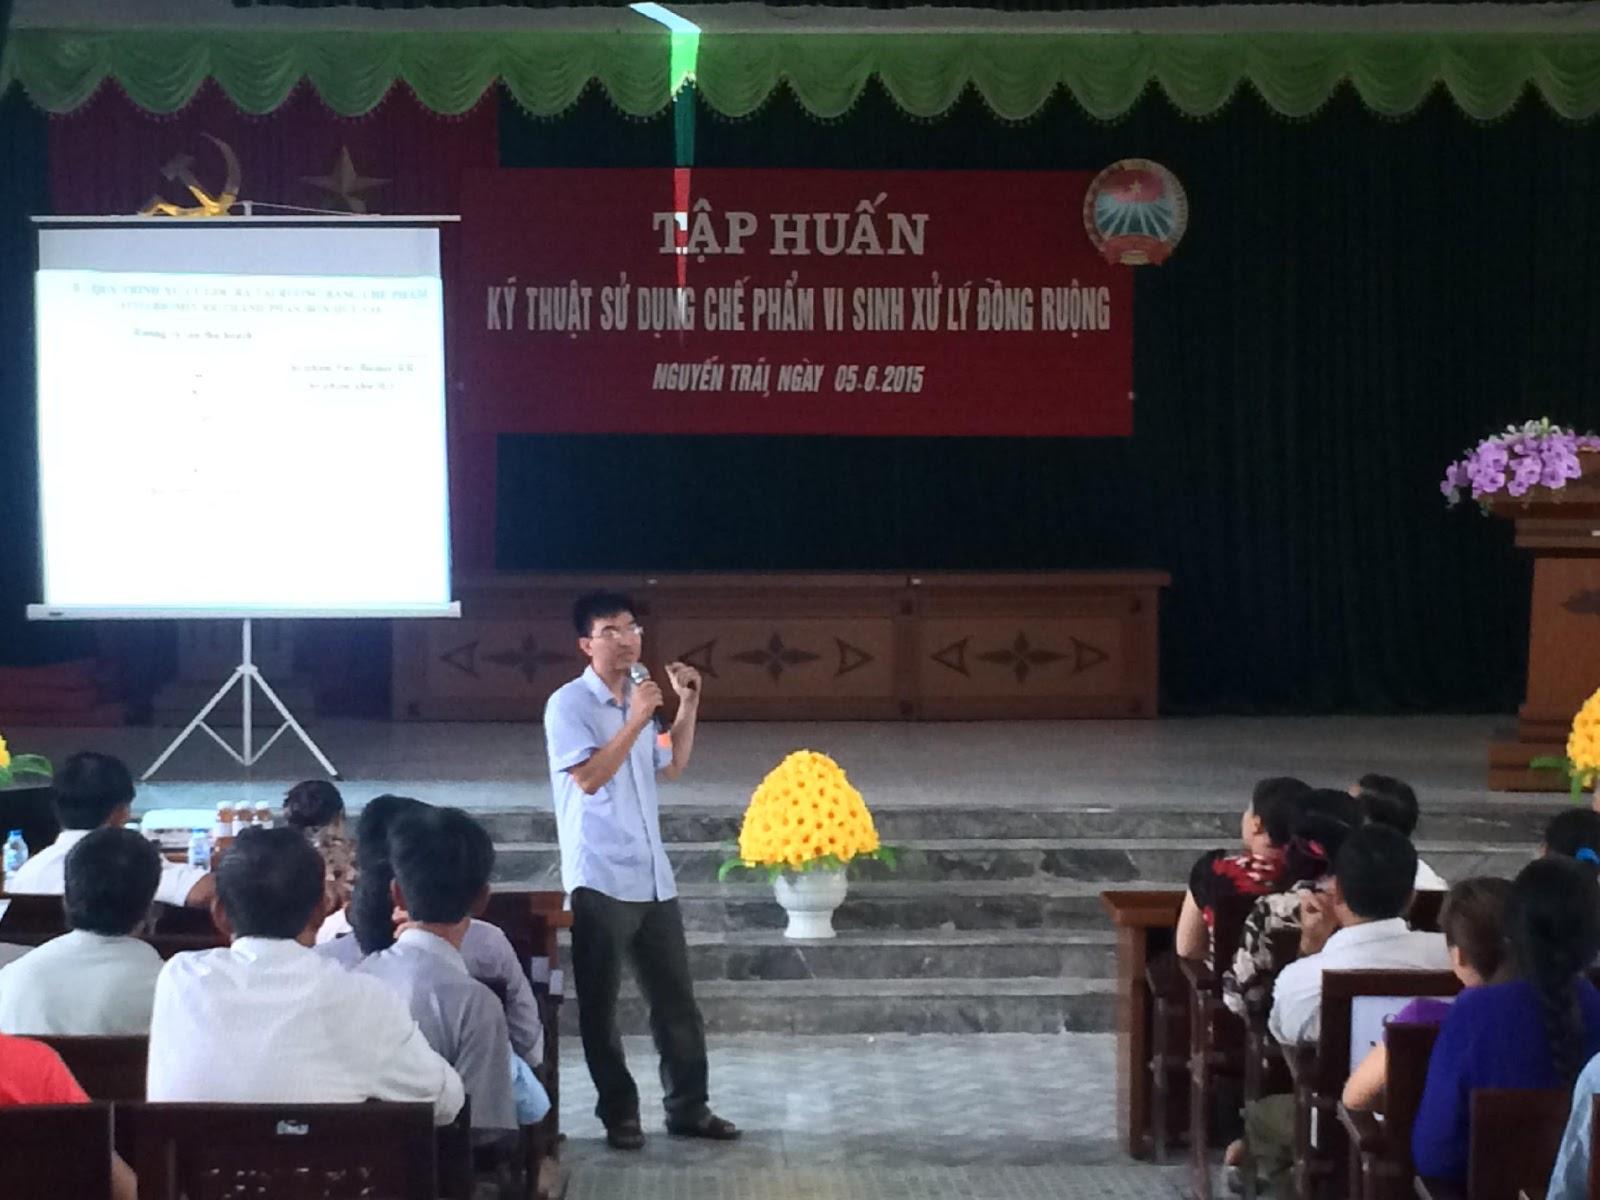 Tập huấn Kỹ thuật sử dụng chế phẩm vi sinh xử lý đồng ruộng tại xã Nguyễn Trãi- Huyện  Ân Thi- tỉnh Hưng Yên